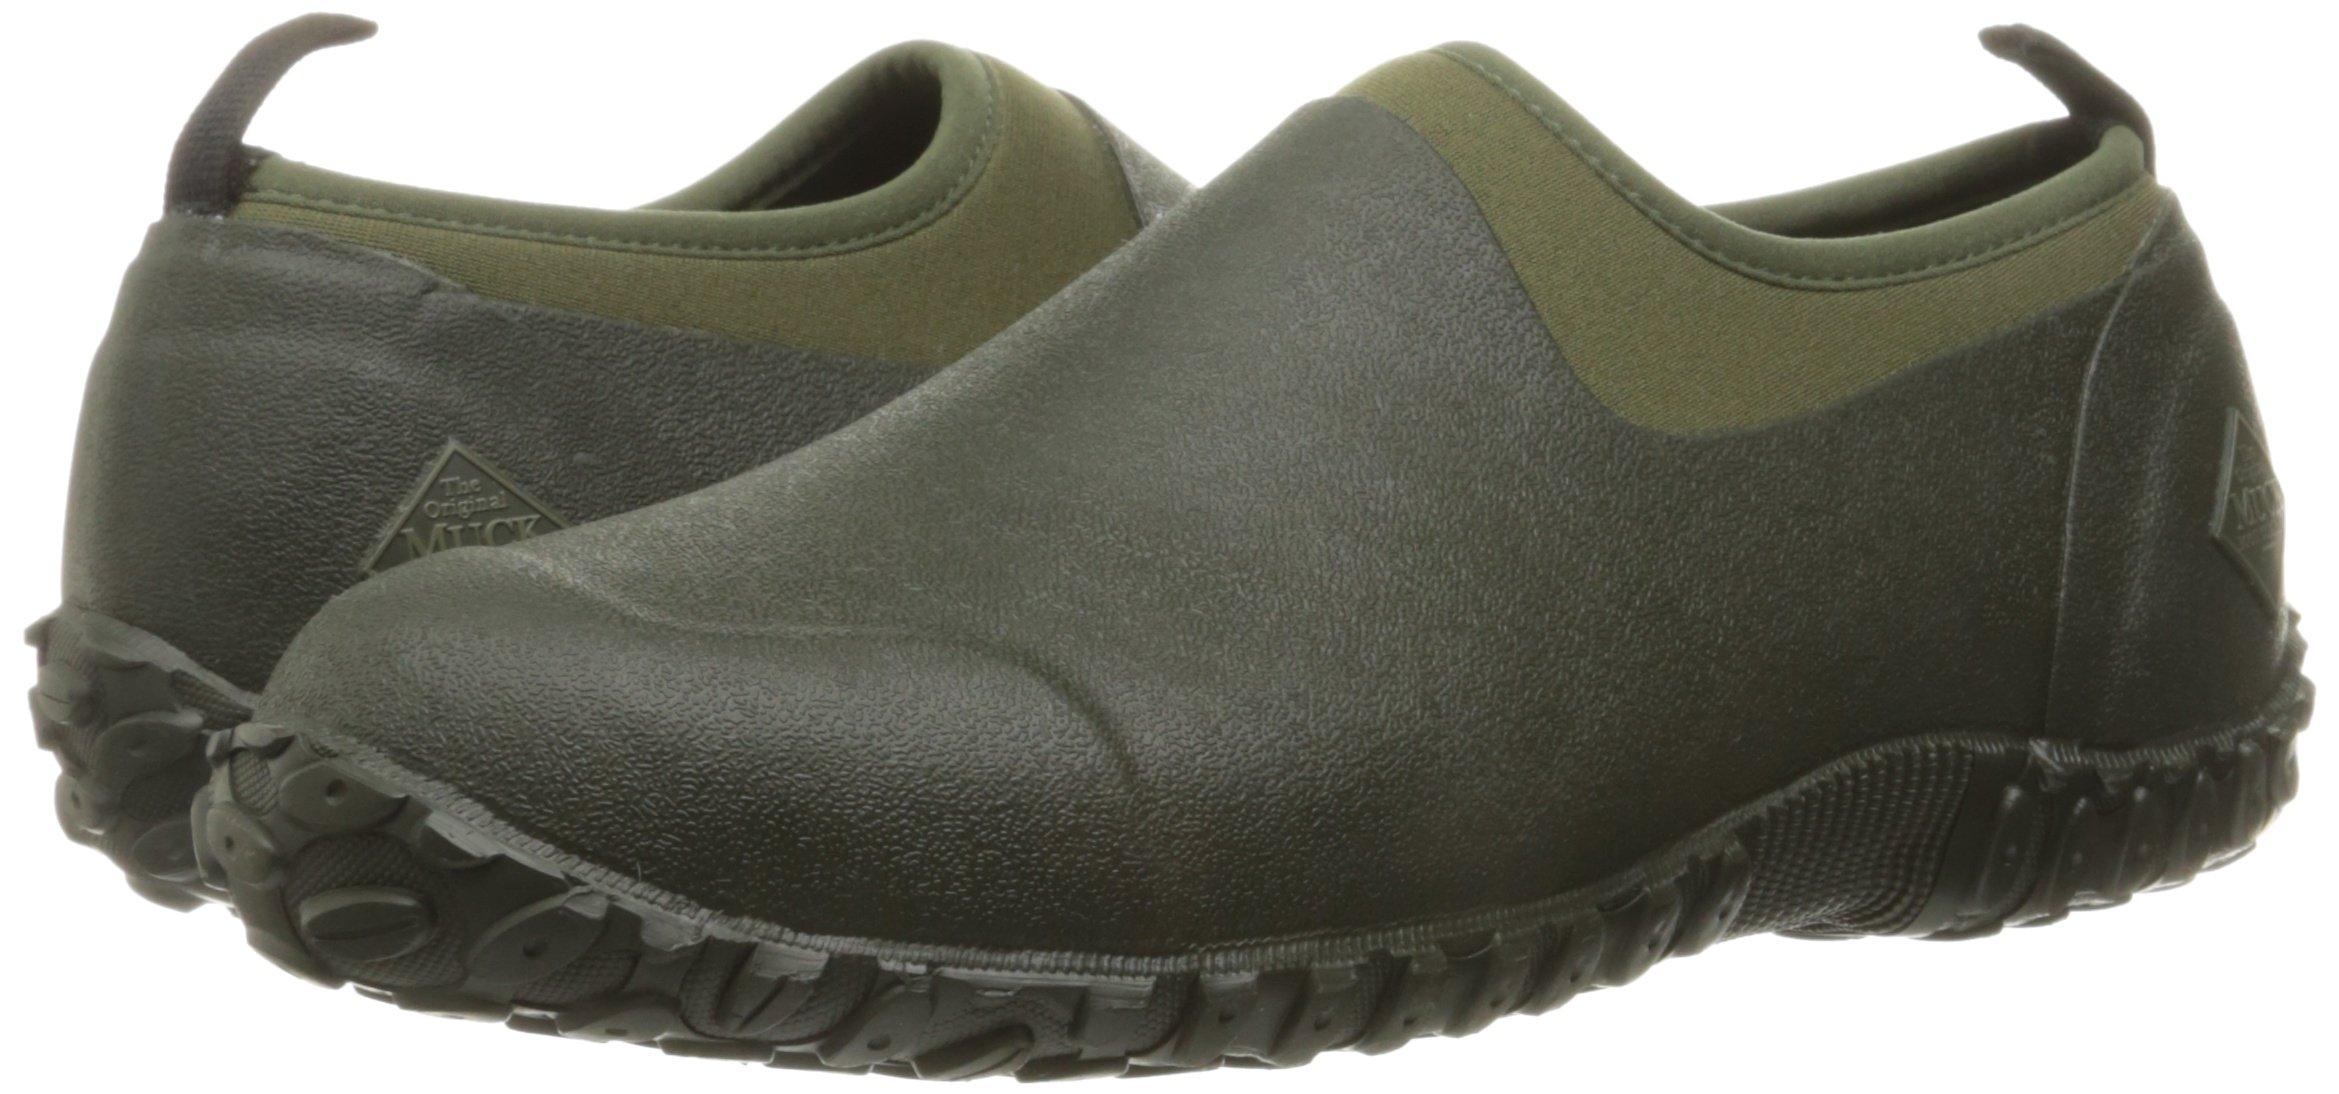 Muckster ll Men's Rubber Garden Shoes,Moss/Green,7 US/7-7.5 M US by Muck Boot (Image #6)